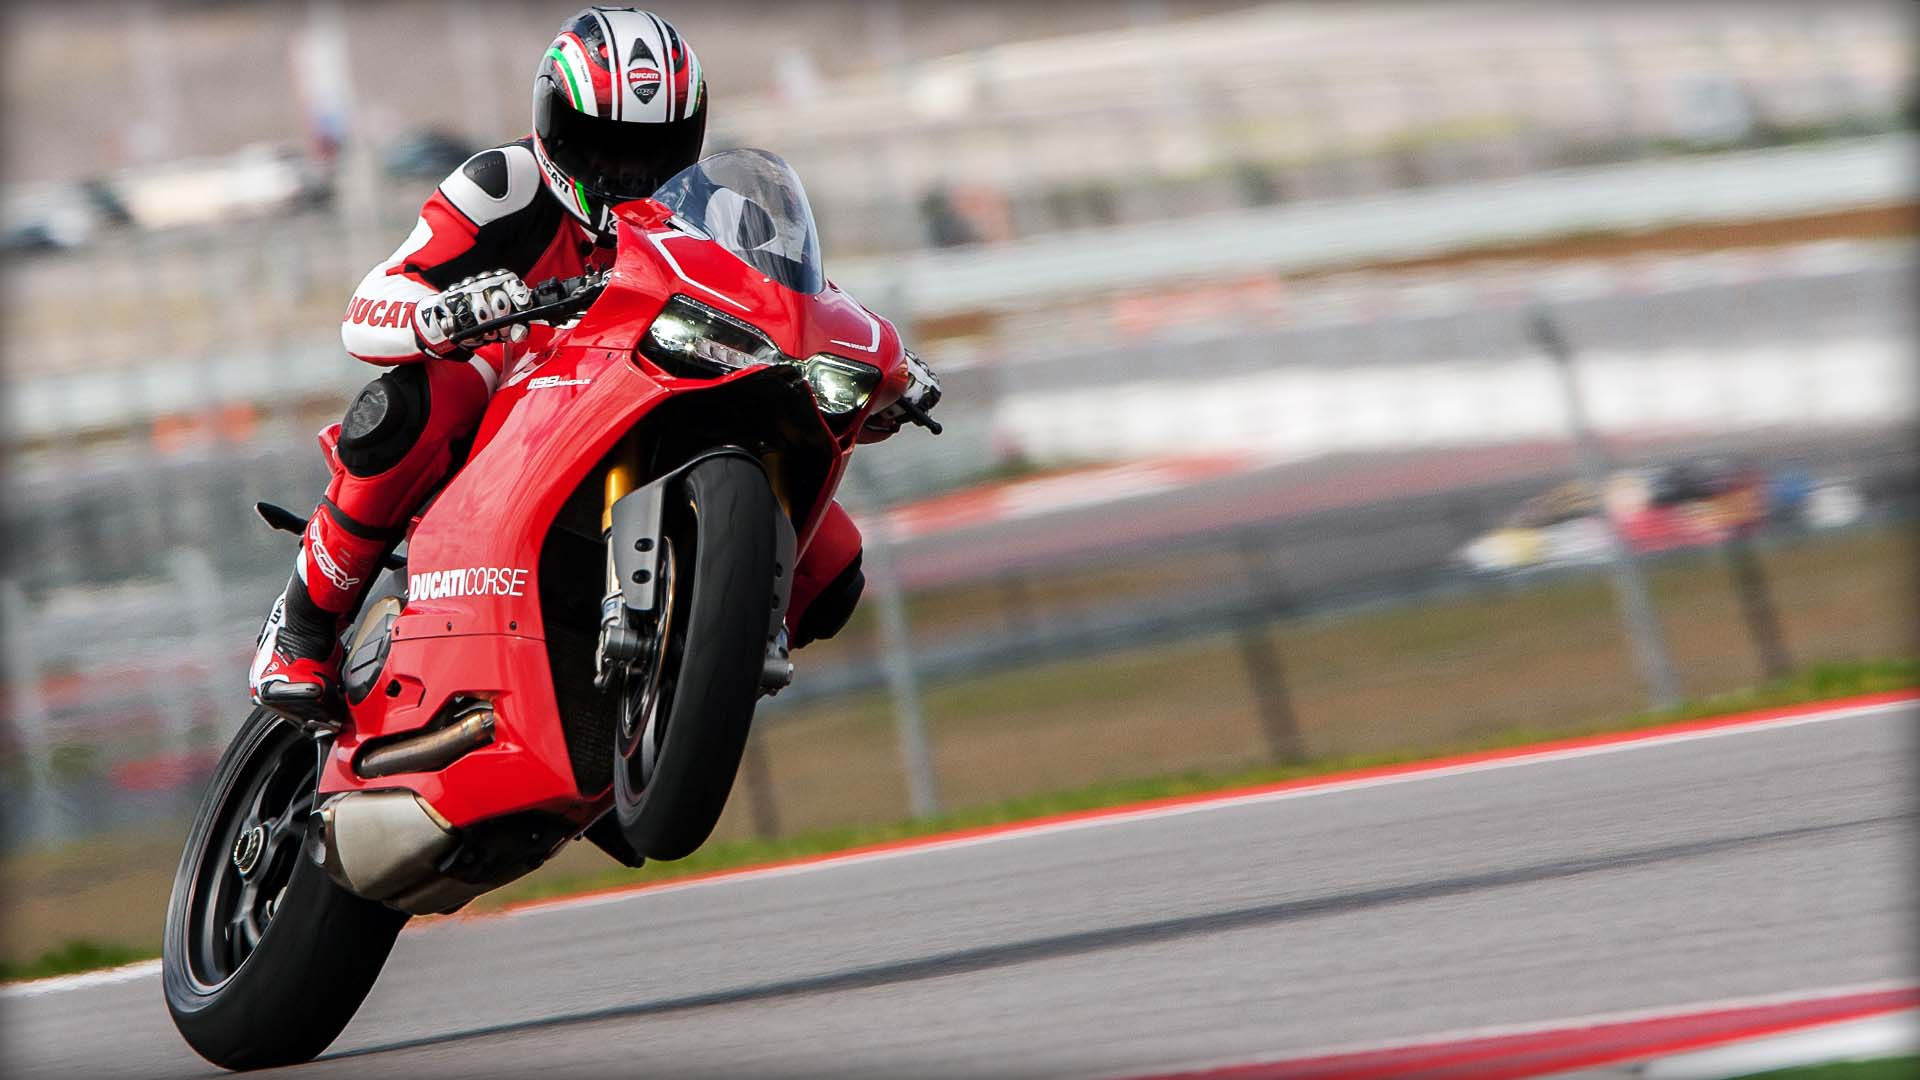 2014 Ducati  | Ducati 1199 Panigale R - Rear Wheelie